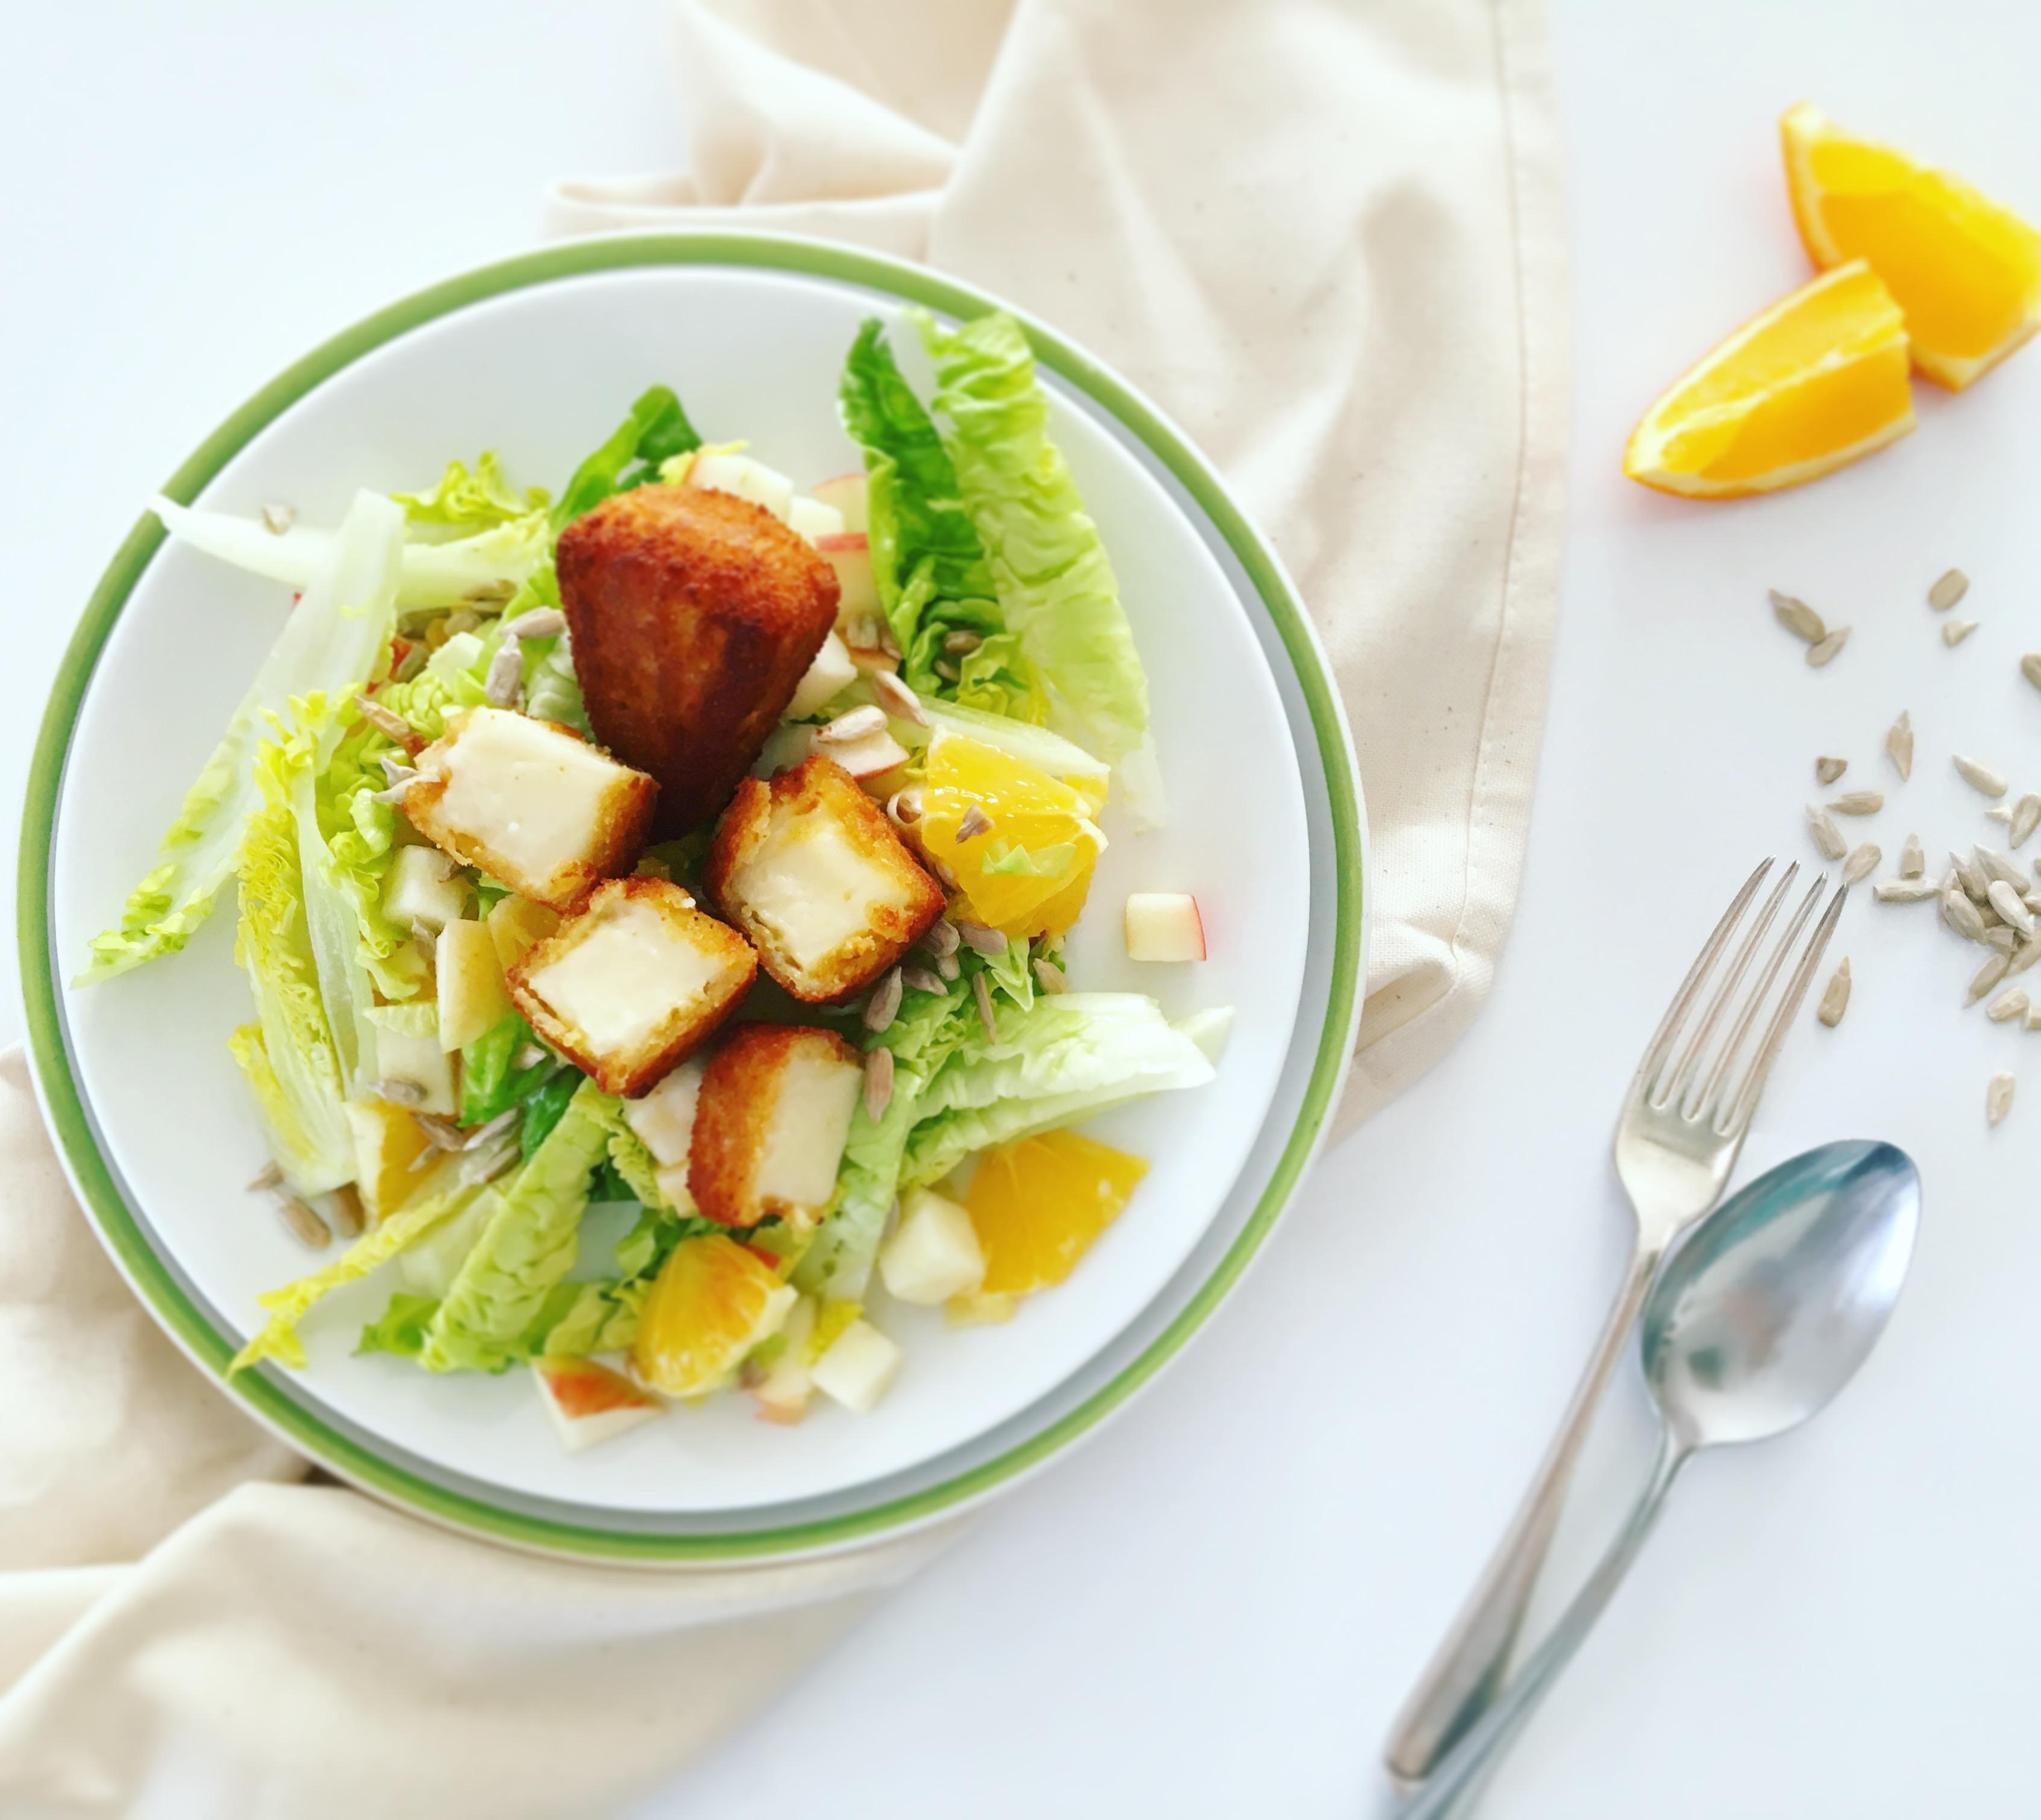 Gyümölcsös saláta 5 hozzávalóból Medve Aranyfalatokkal